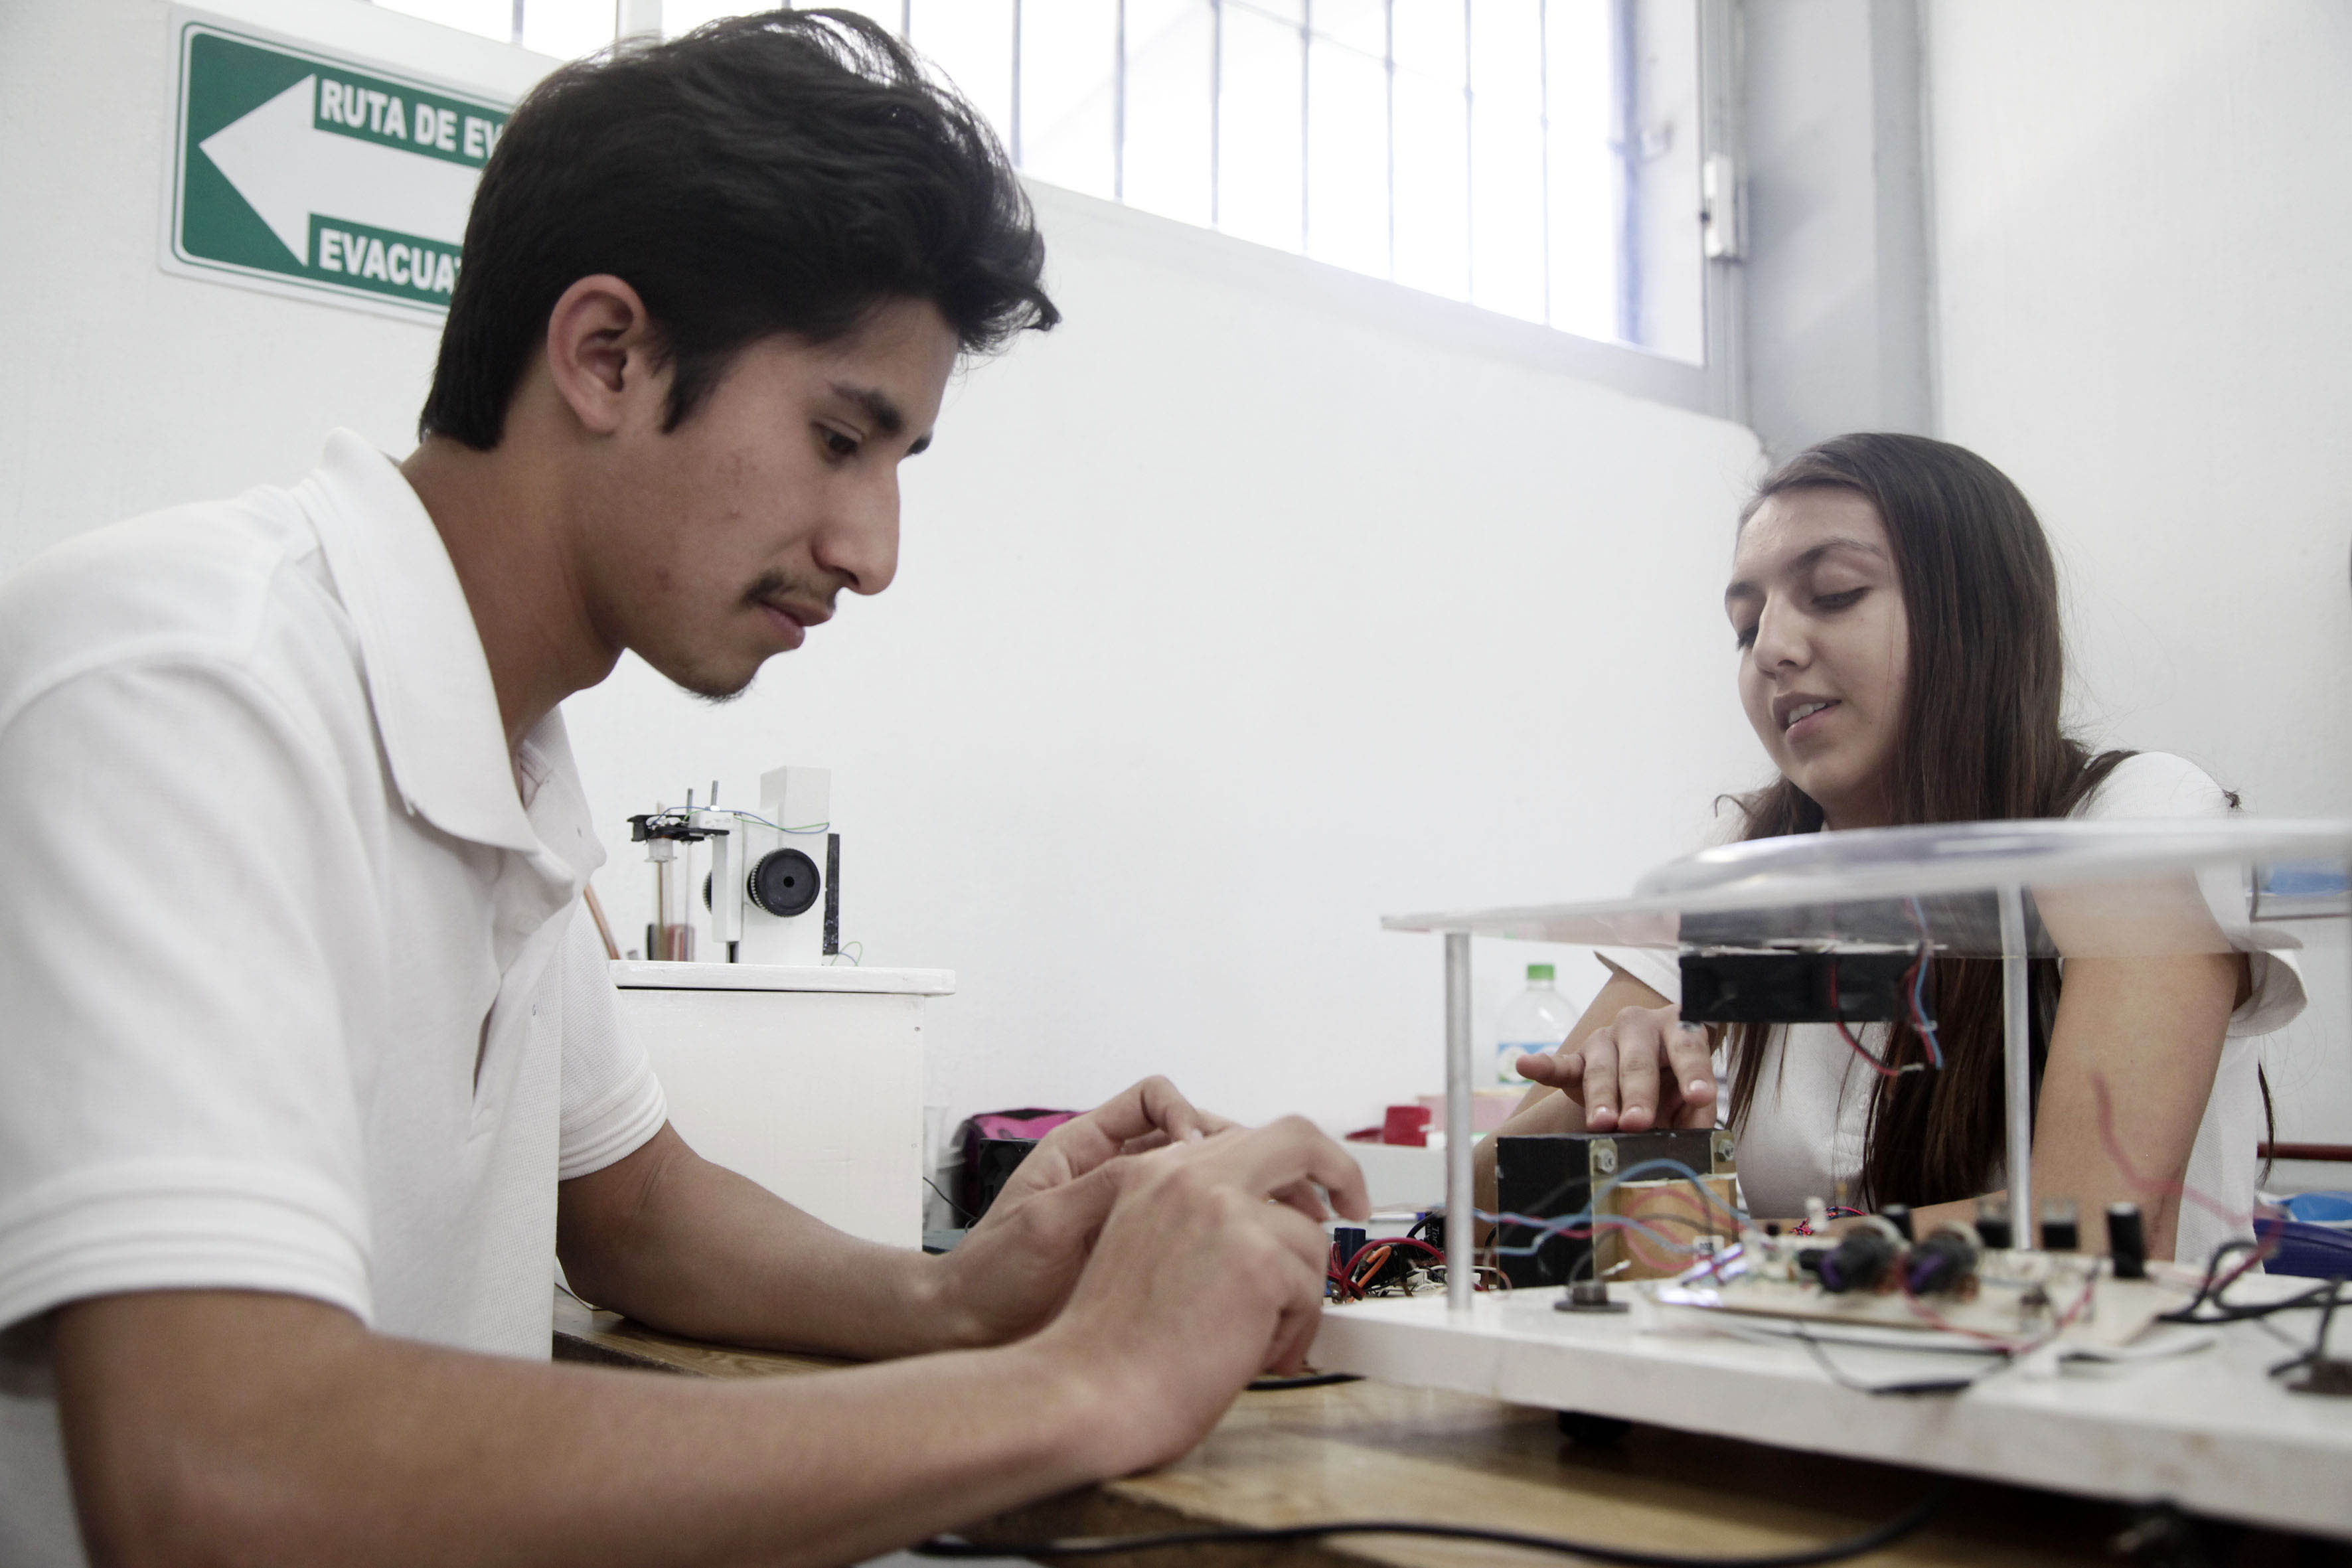 Martha Macías y Luis García alumnos de la Preparatoria Regional de Jocotepec, trabajando en uno de los prototipos elaborados con componentes electrónicos y material reutilizable para la feria internacional de ciencia celebrada en Turquía.